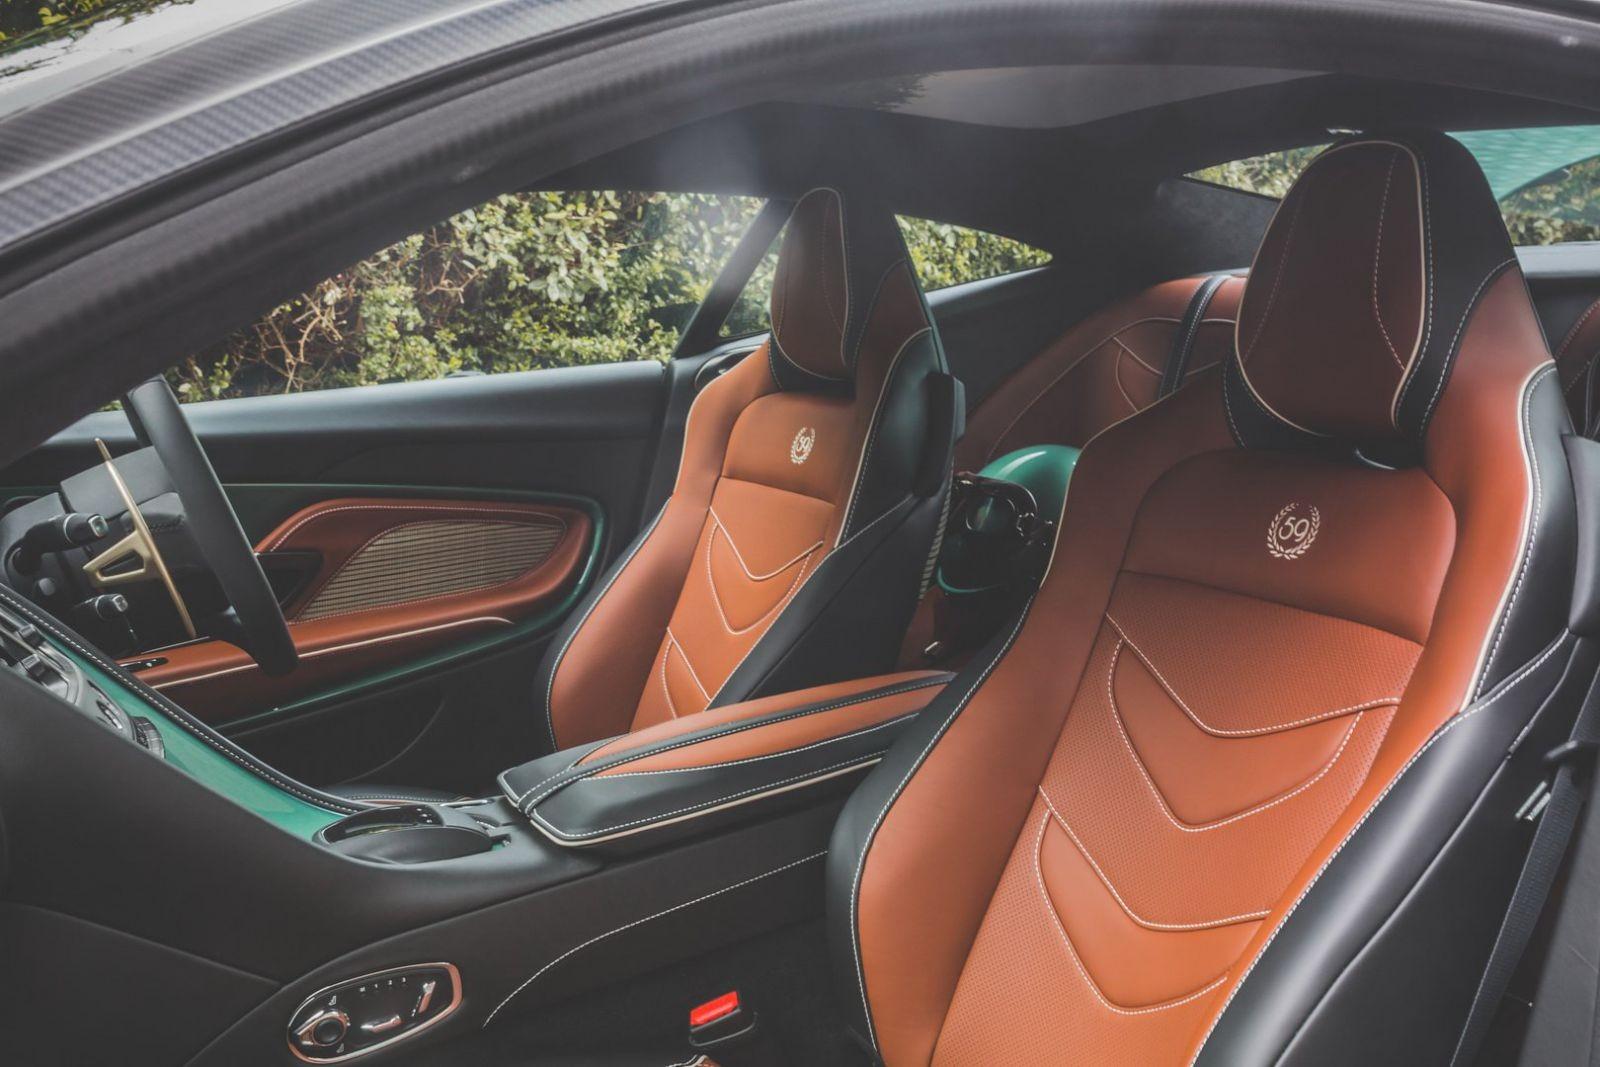 Nội thất siêu xe Aston Martin DBS 59 Edition